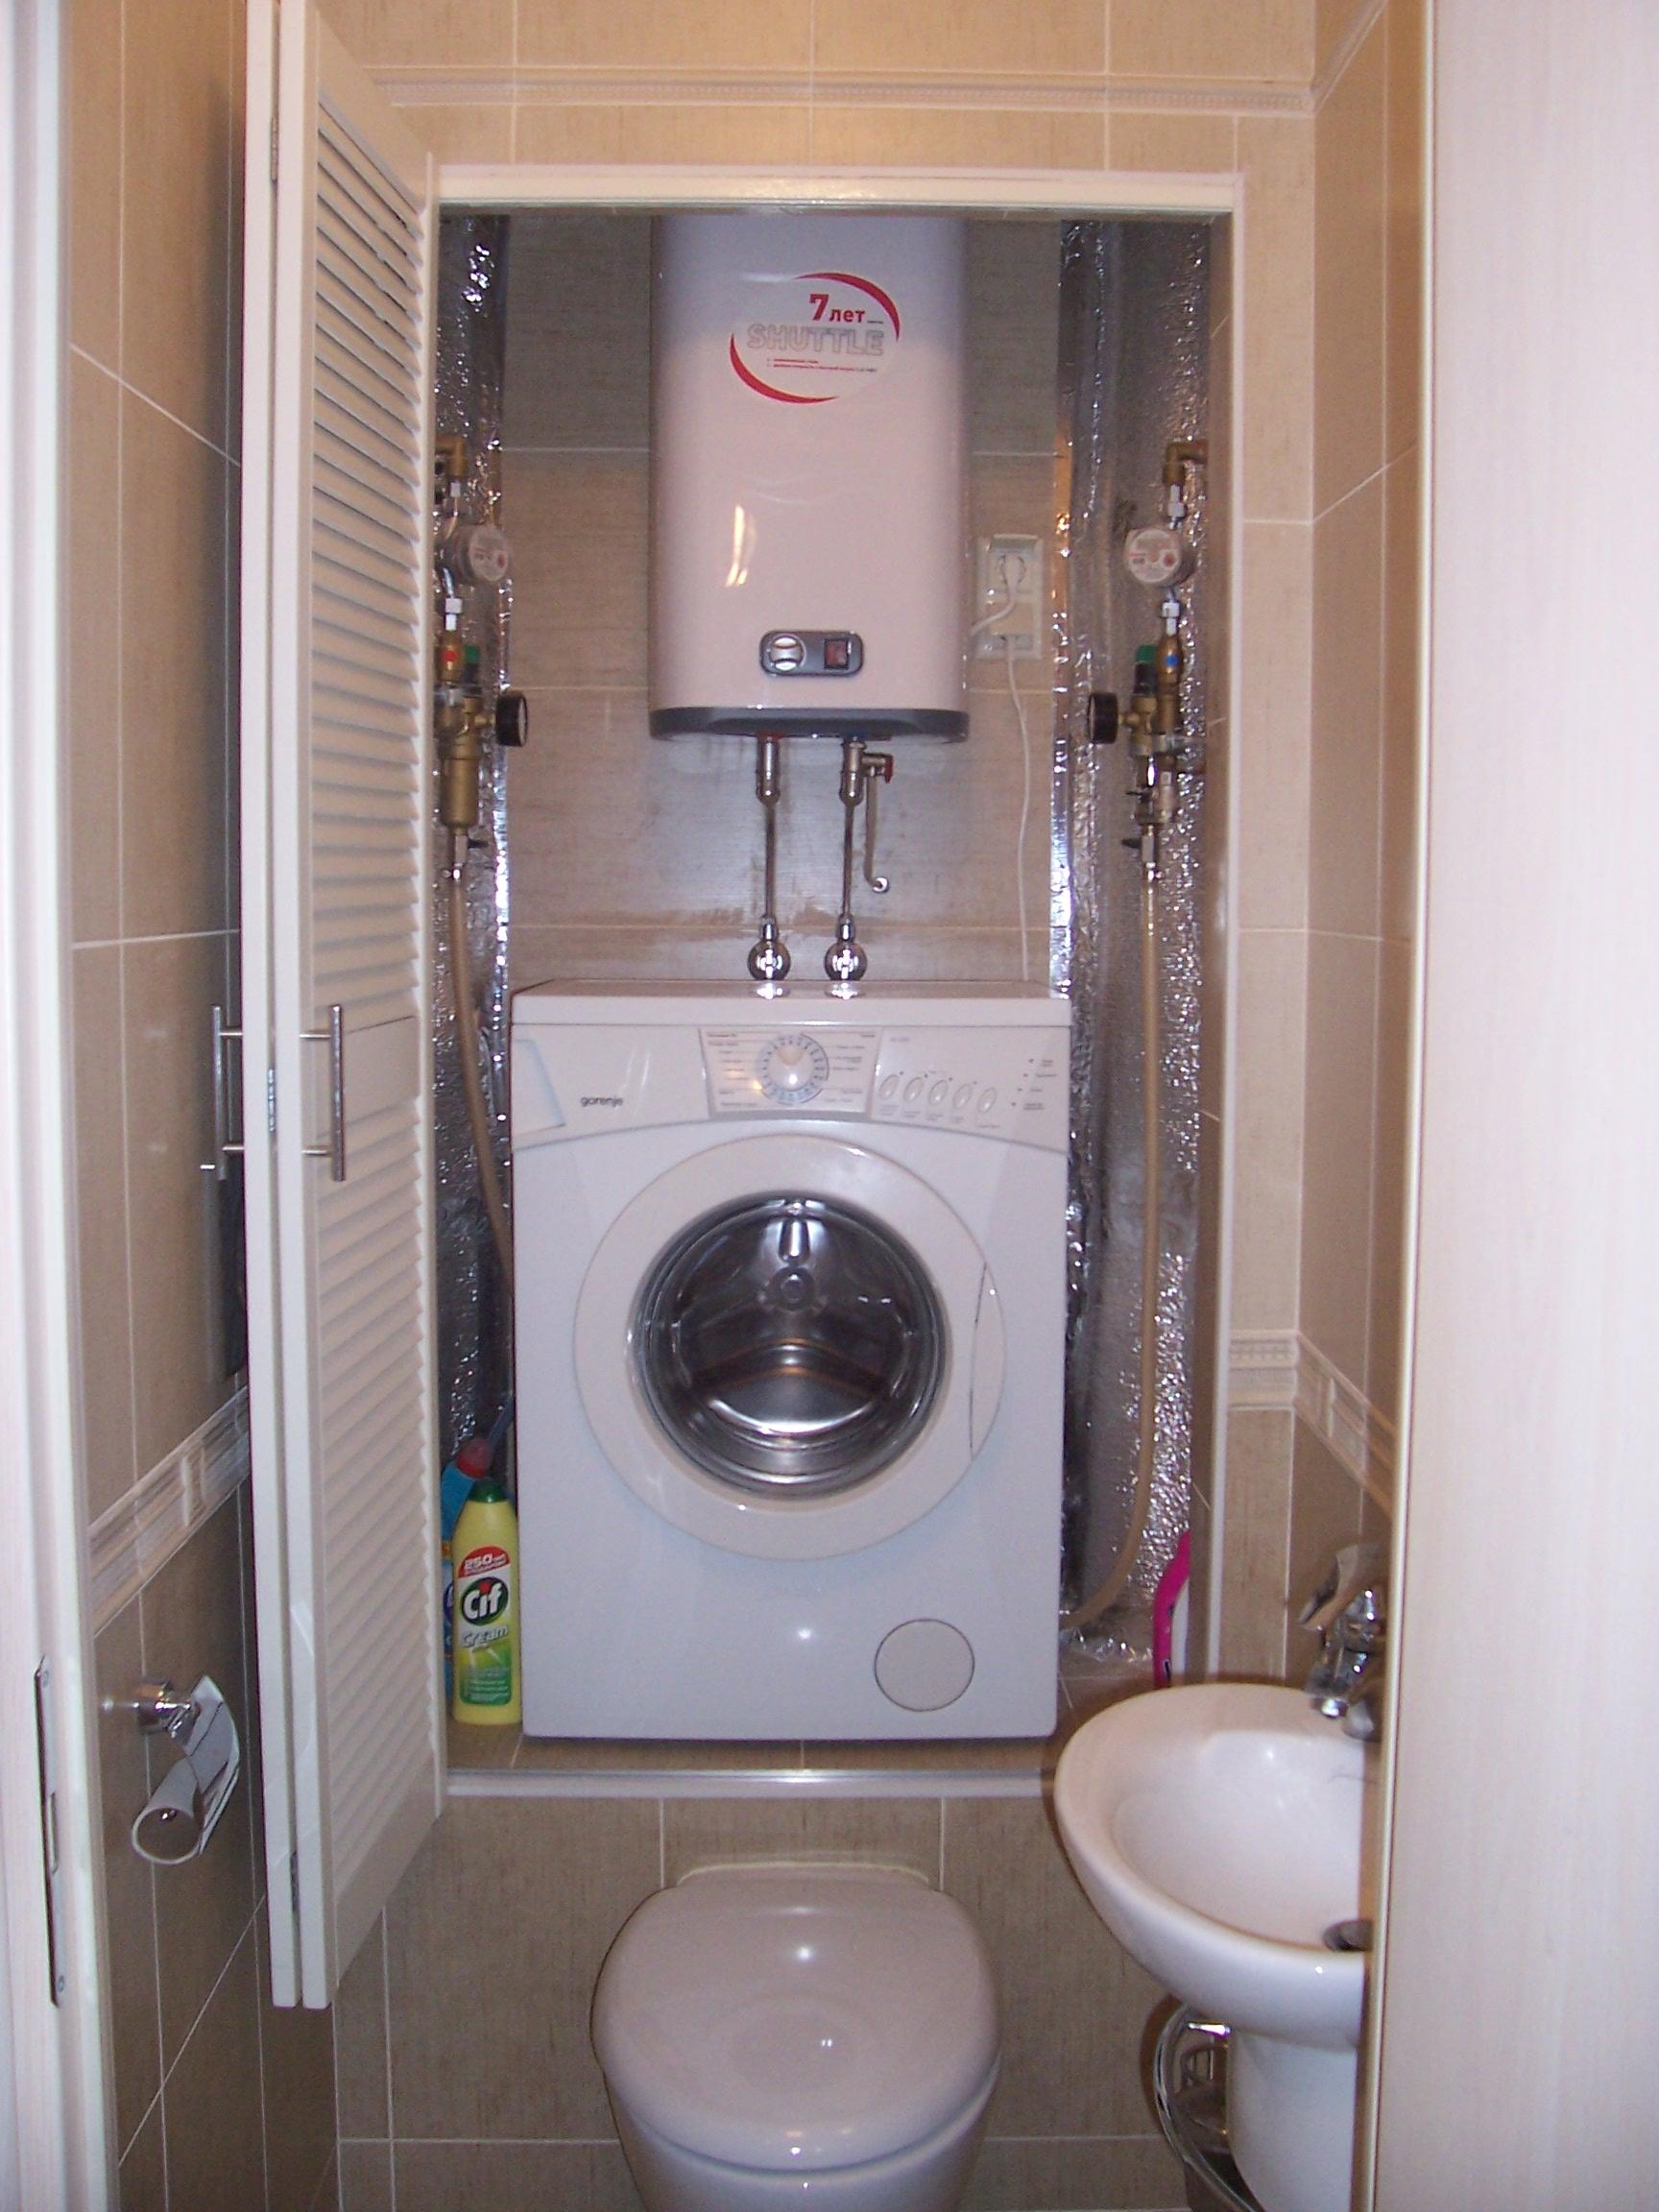 remont-i-dizajn-tualeta-v-hrushchevke-n-foto--56